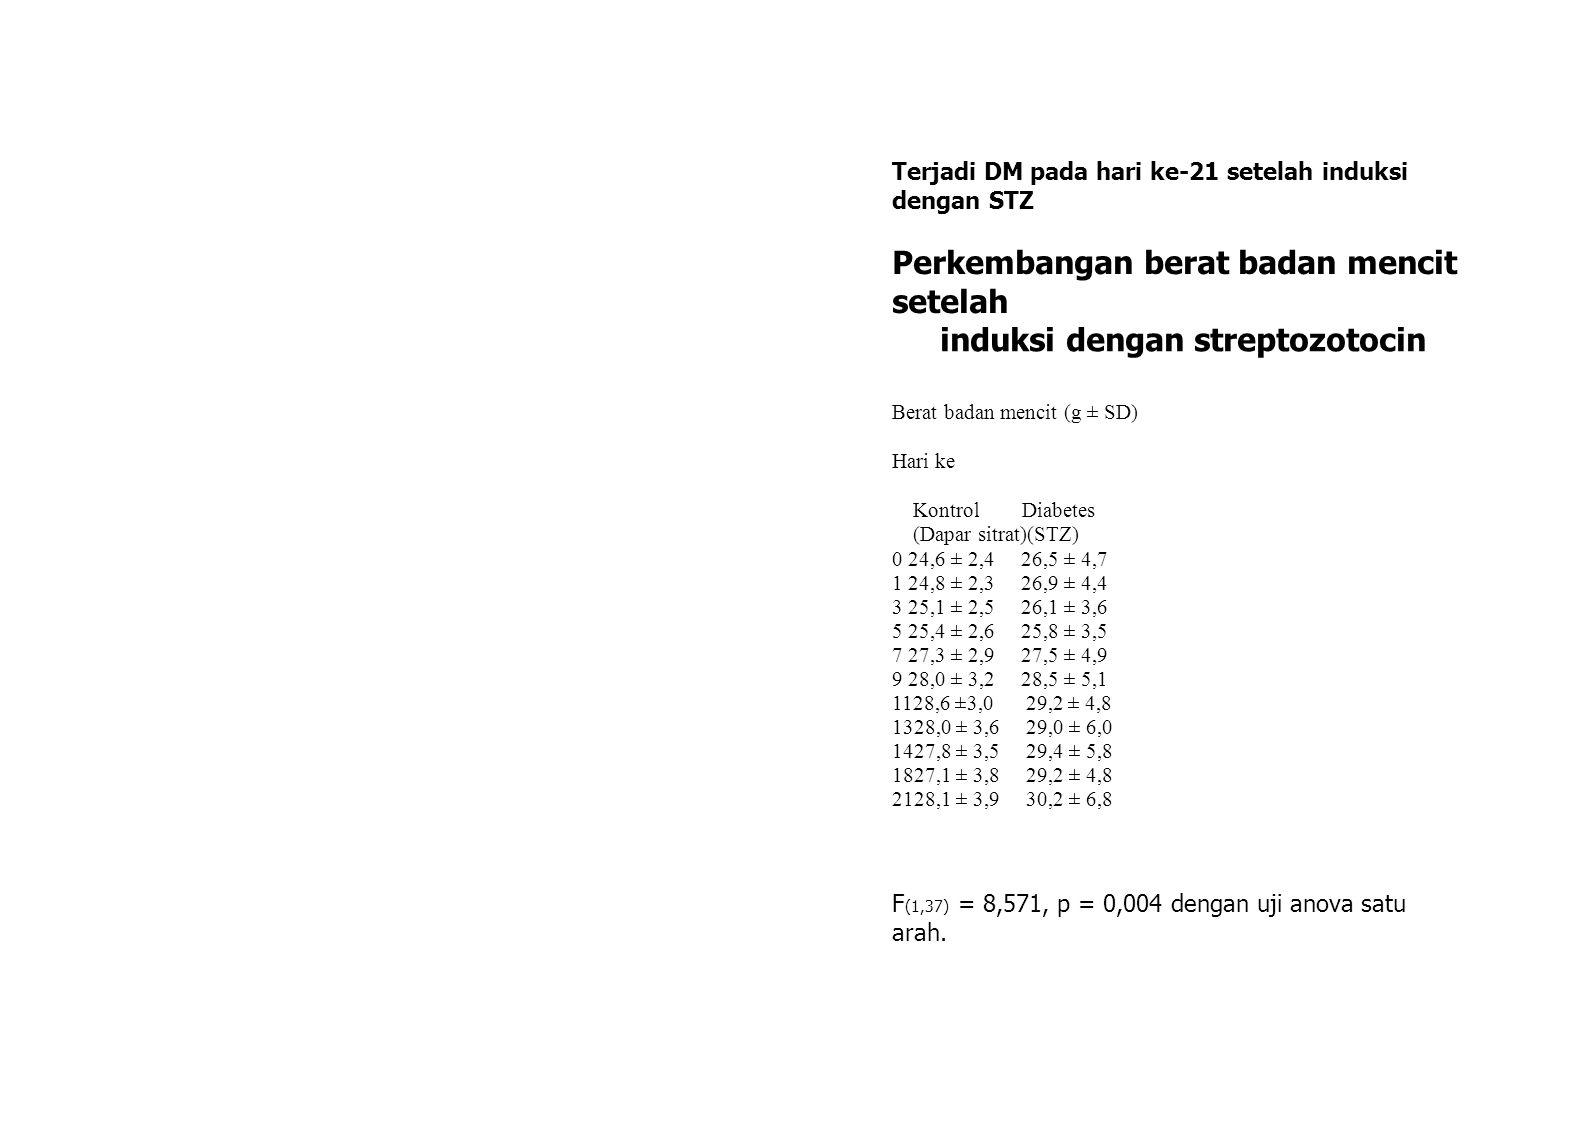 Terjadi DM pada hari ke-21 setelah induksi dengan STZ Perkembangan berat badan mencit setelah induksi dengan streptozotocin Berat badan mencit (g ± SD